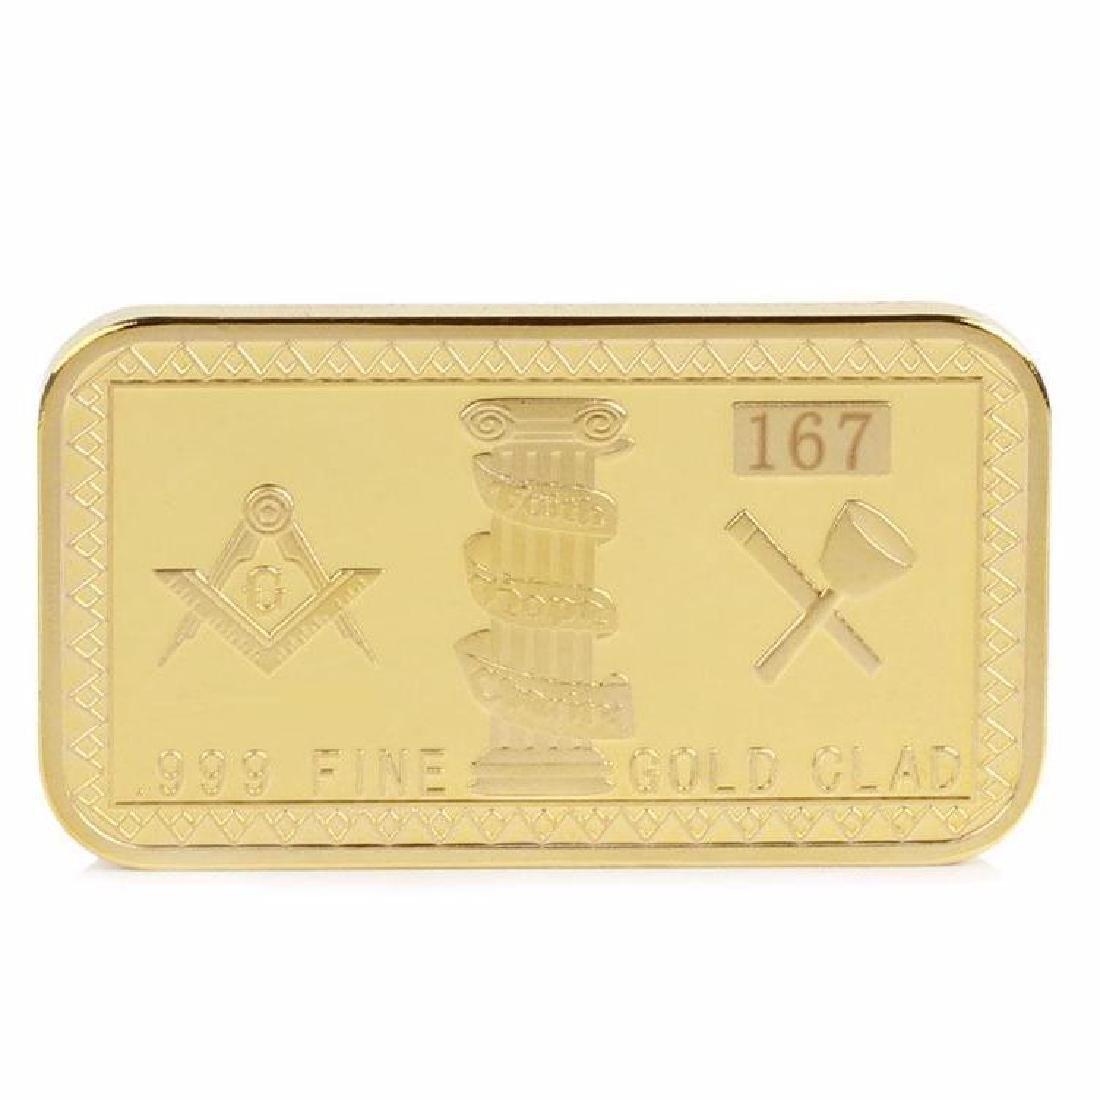 Masonic .999 Fine Gold Clad Bullion Bar